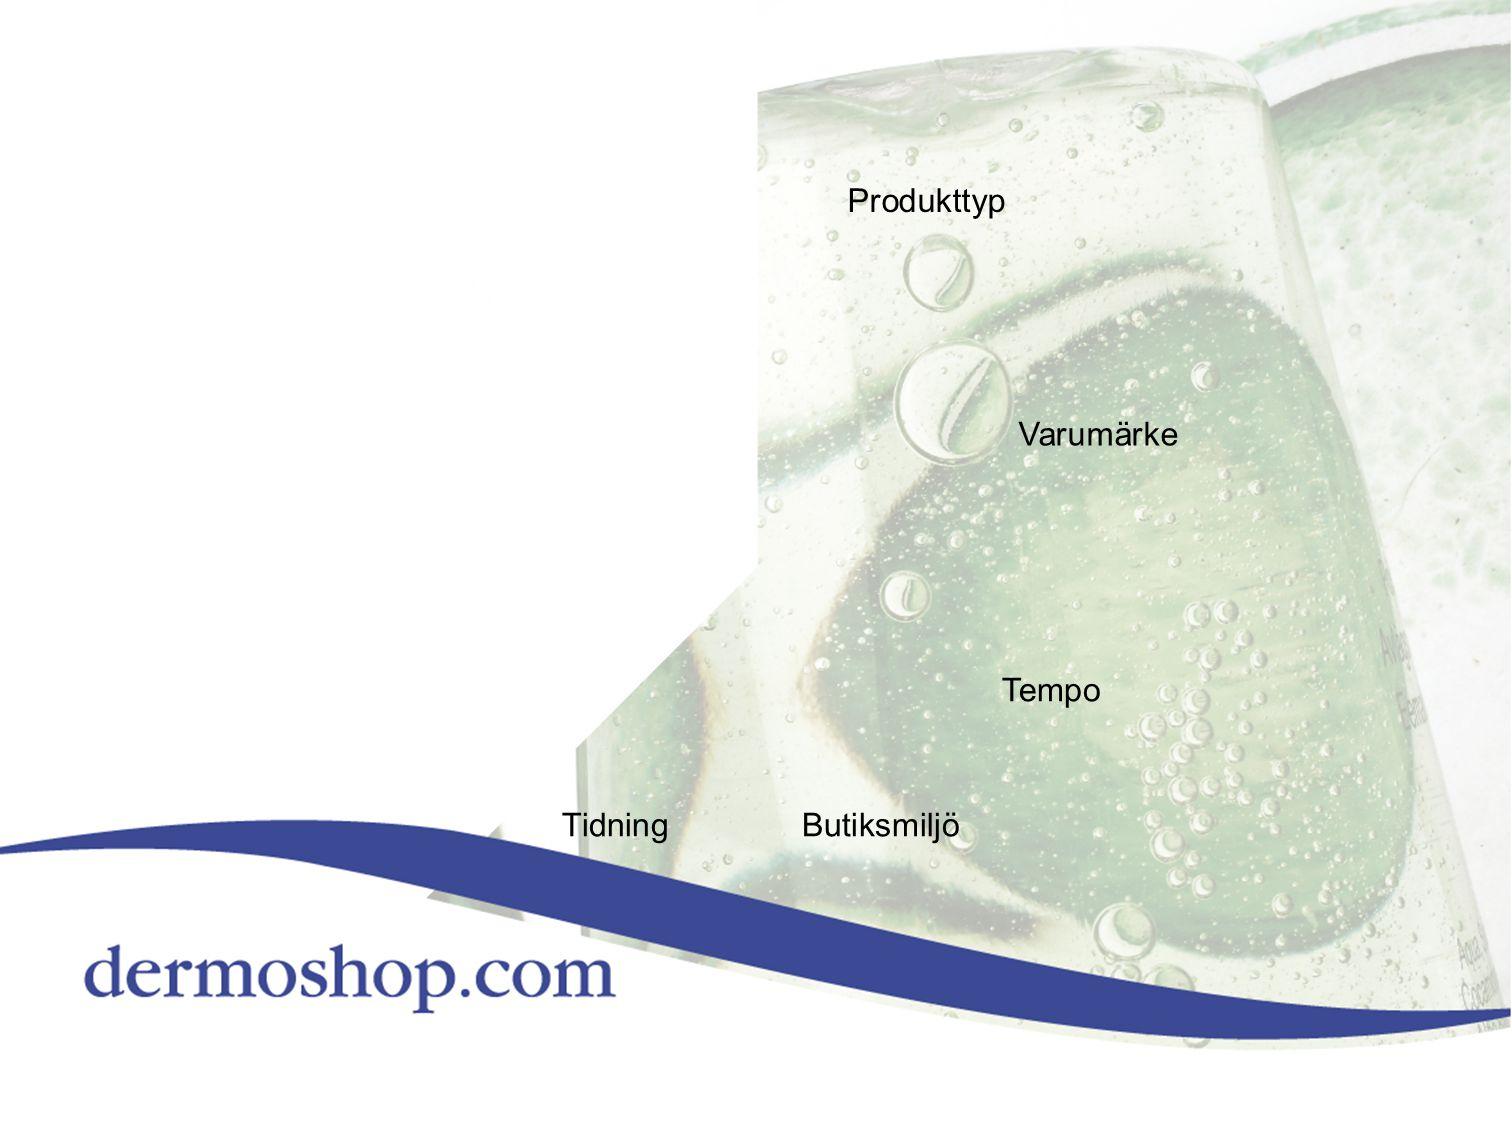 Produkttyp Varumärke Tempo Tidning Butiksmiljö